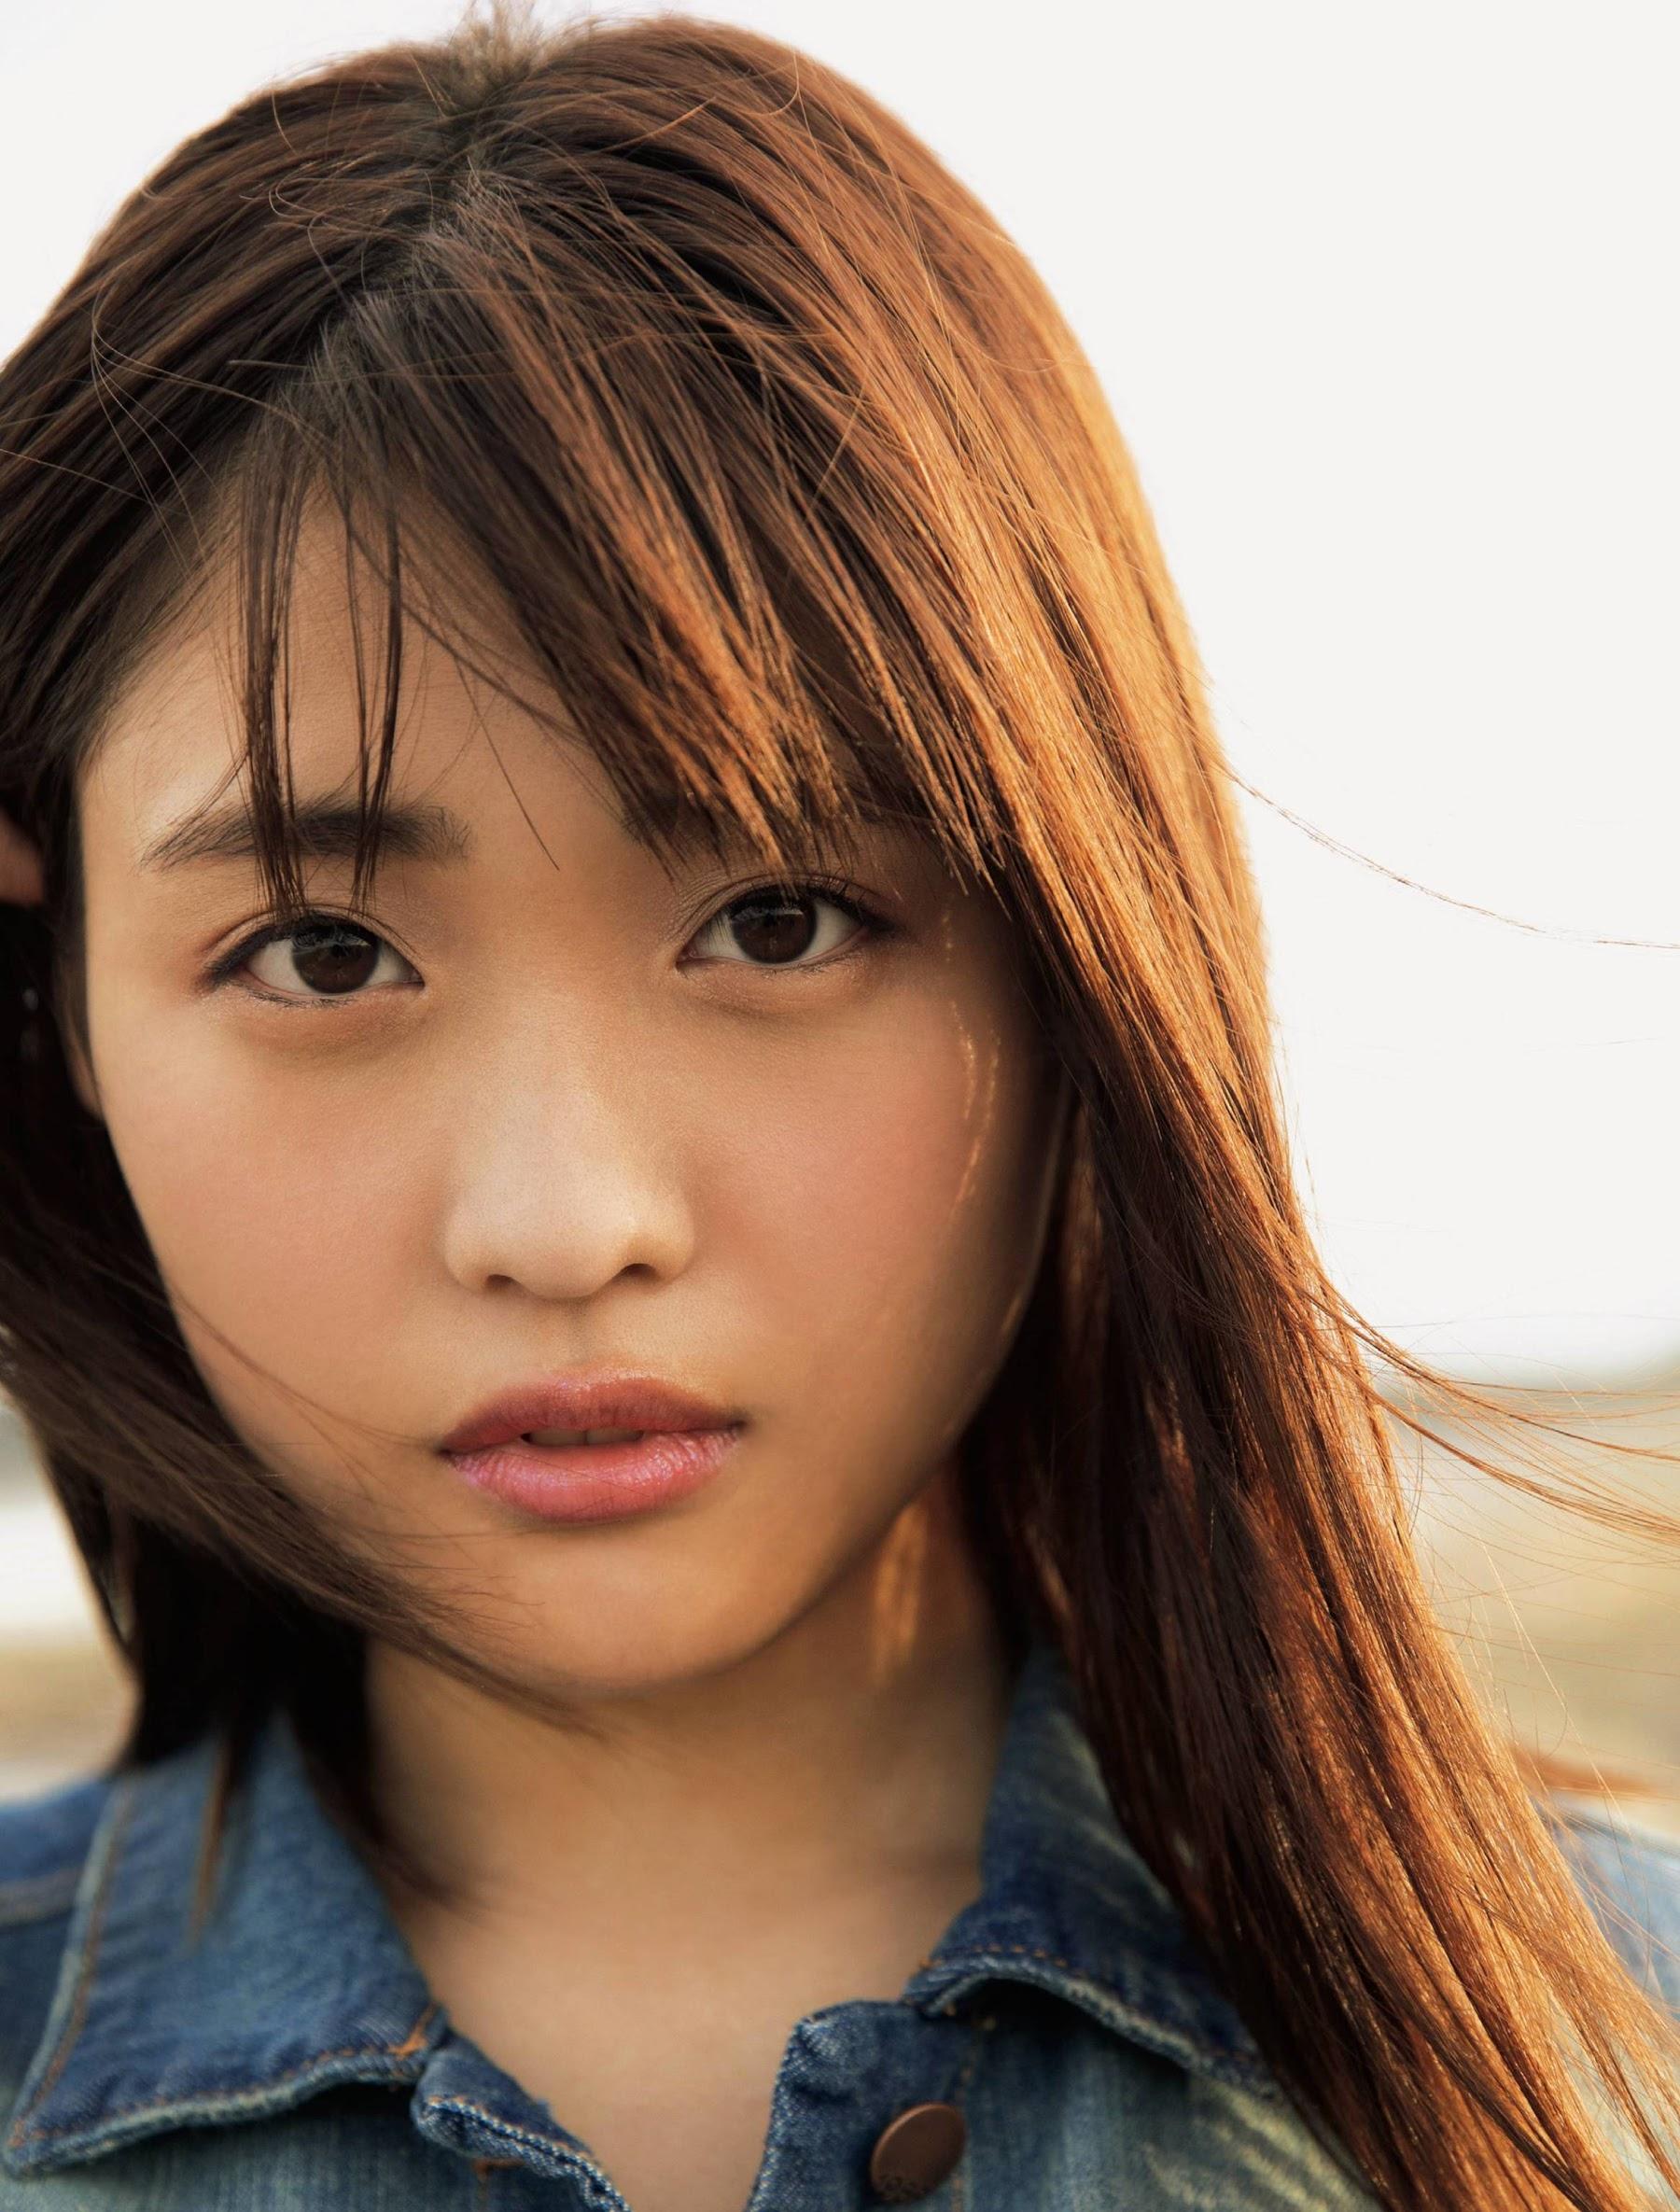 石田桃香の画像 p1_31